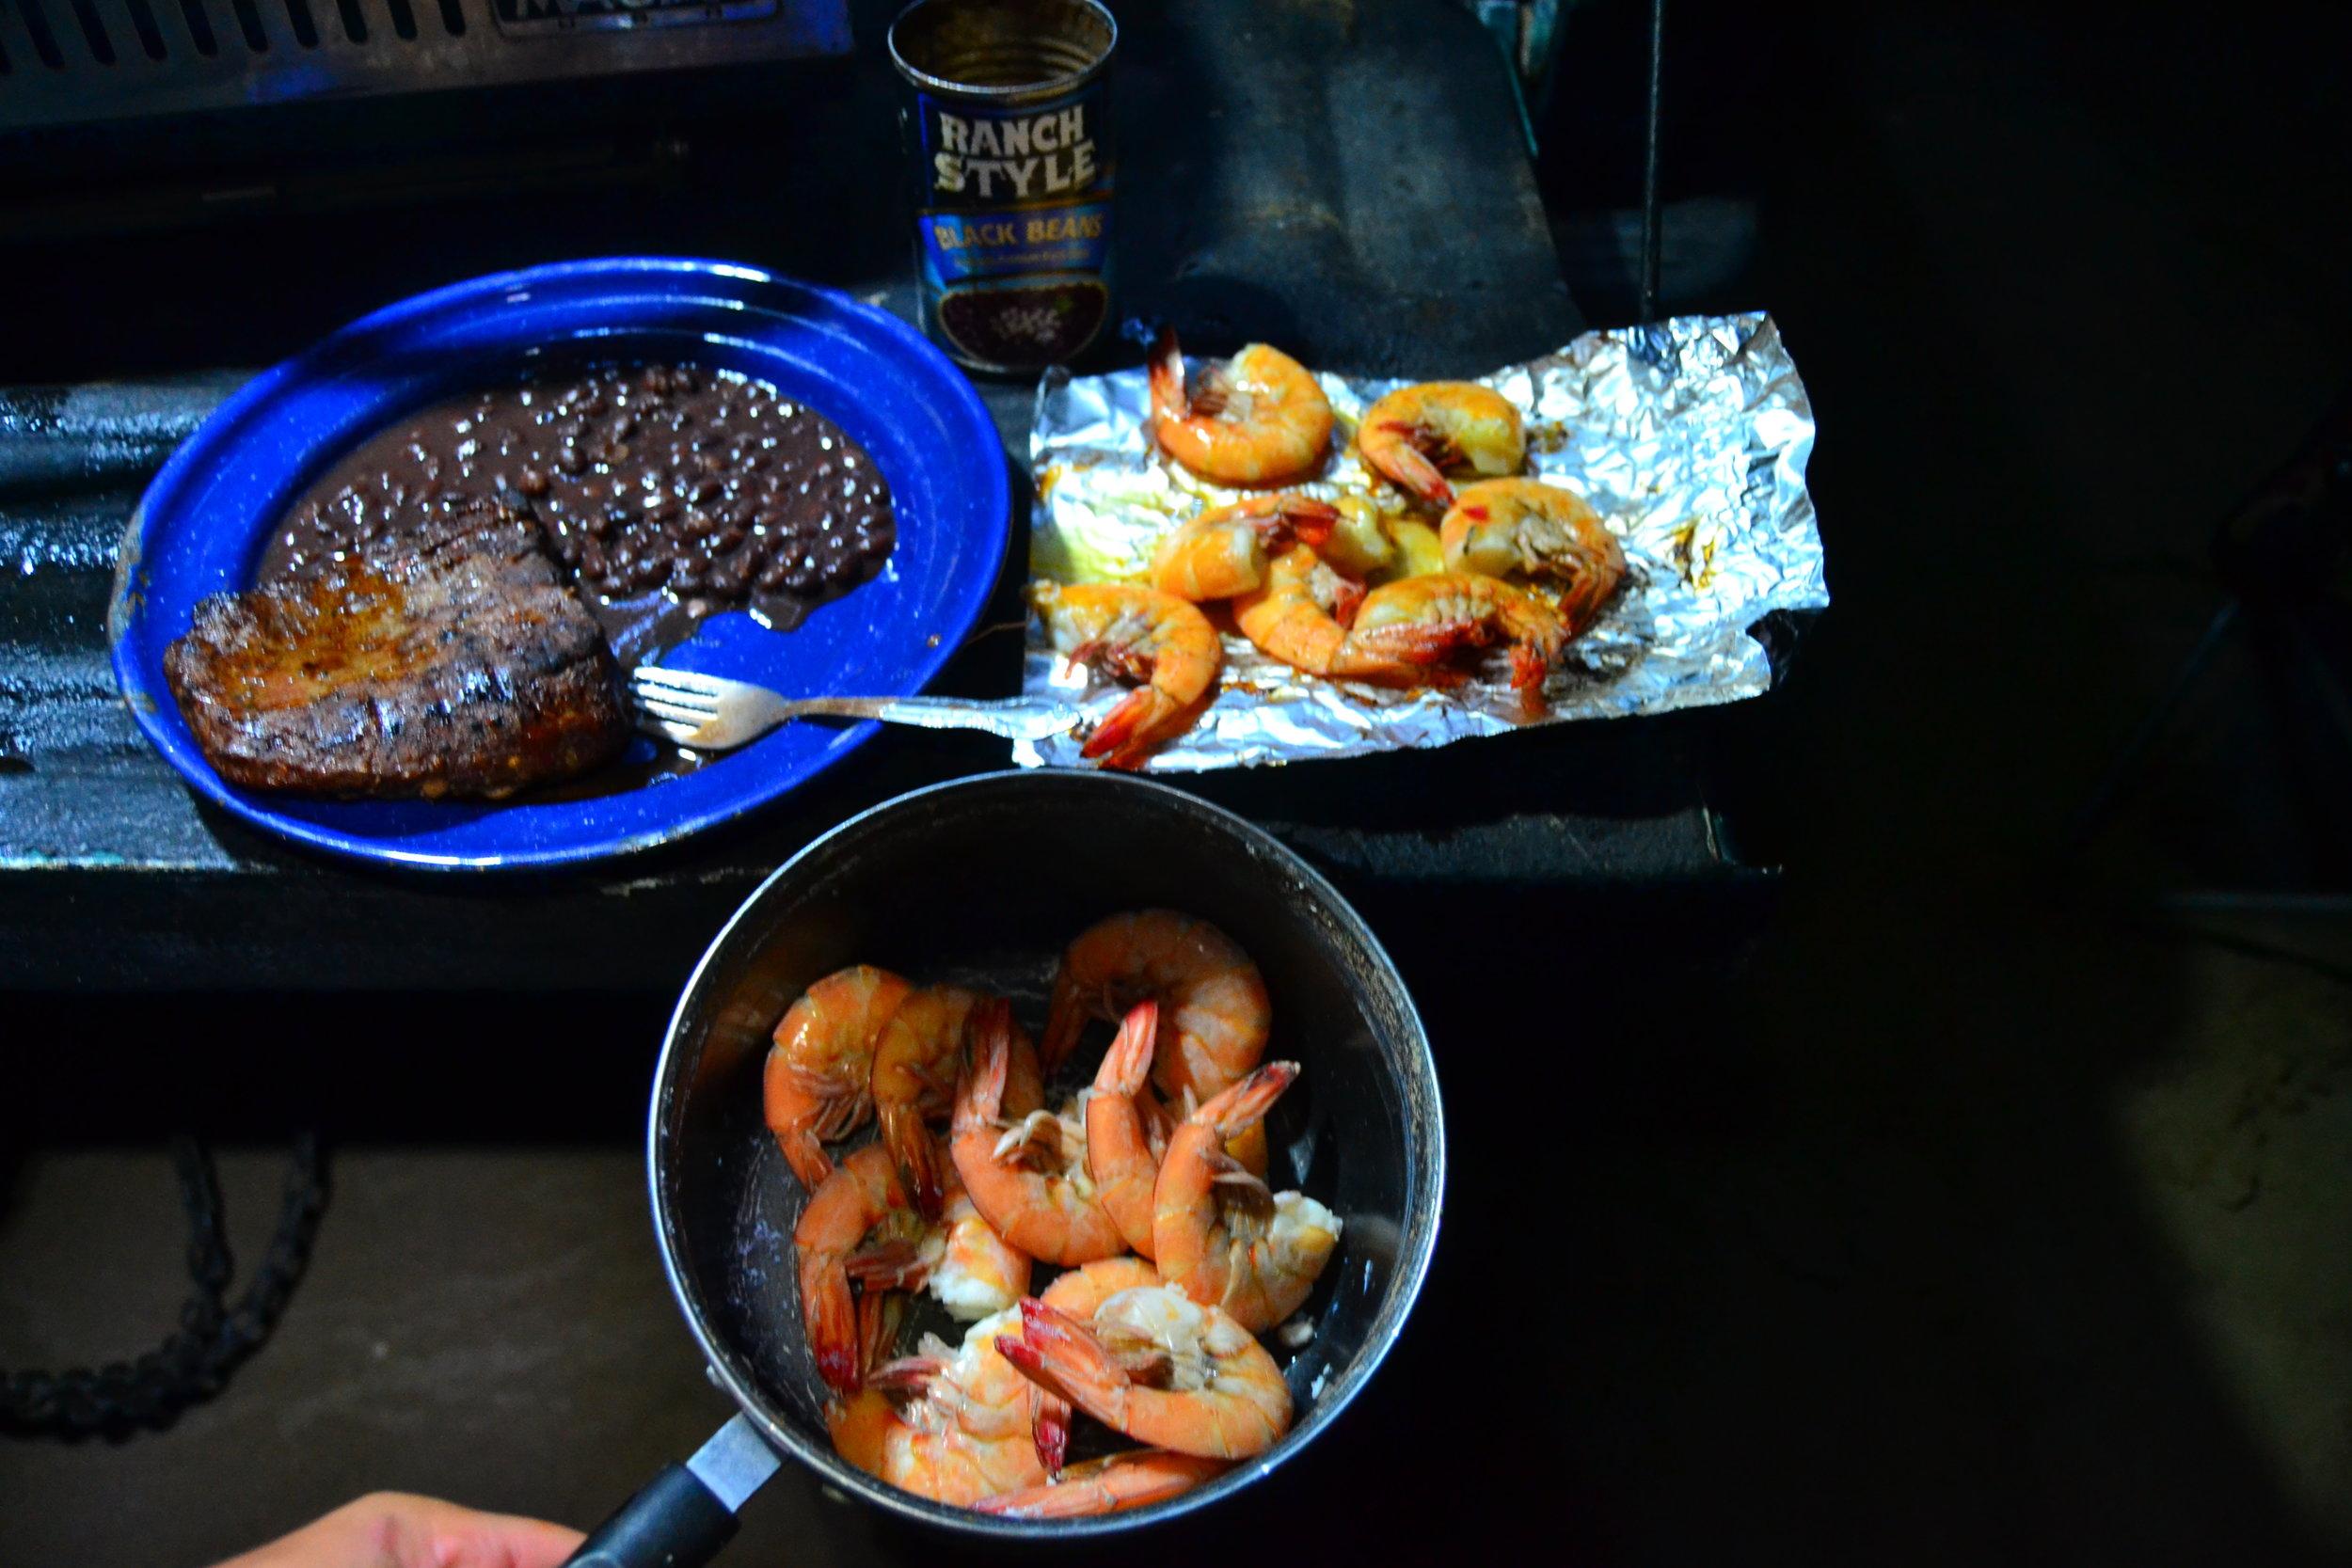 Shark fishing dinner-Steak and Shrimp